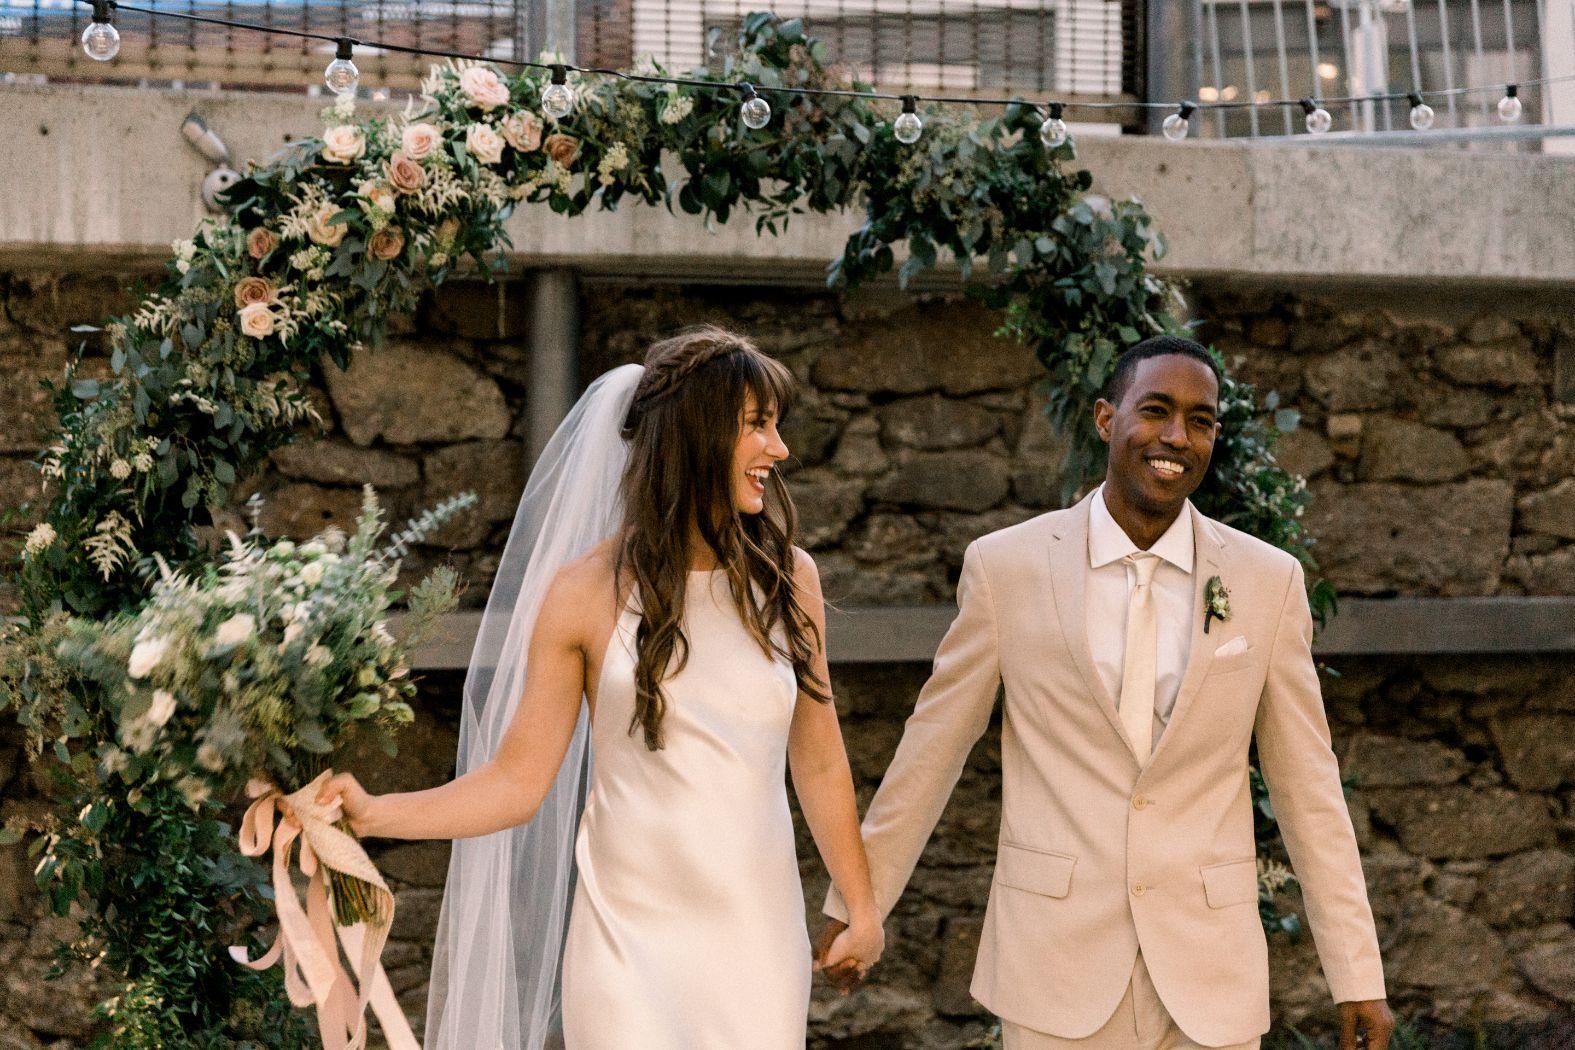 artists-for-humanity-industrial-bohemian-wedding-daylynn-designs205.jpg